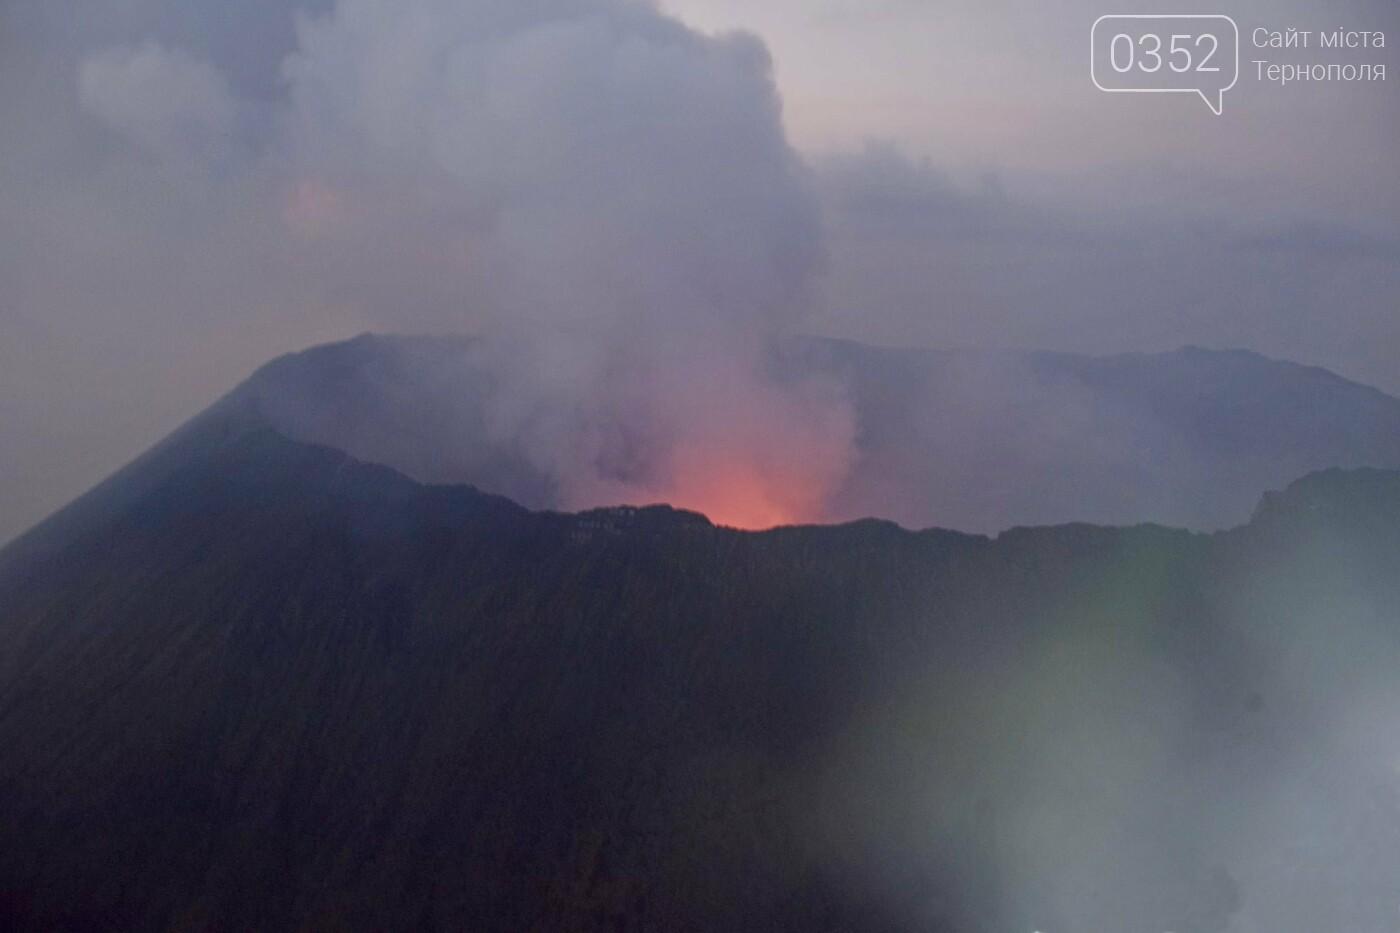 """""""Вражаюче"""": військовослужбовець з Тернополя показав один з найактивніших вулканів у світі (ФОТО), фото-3"""